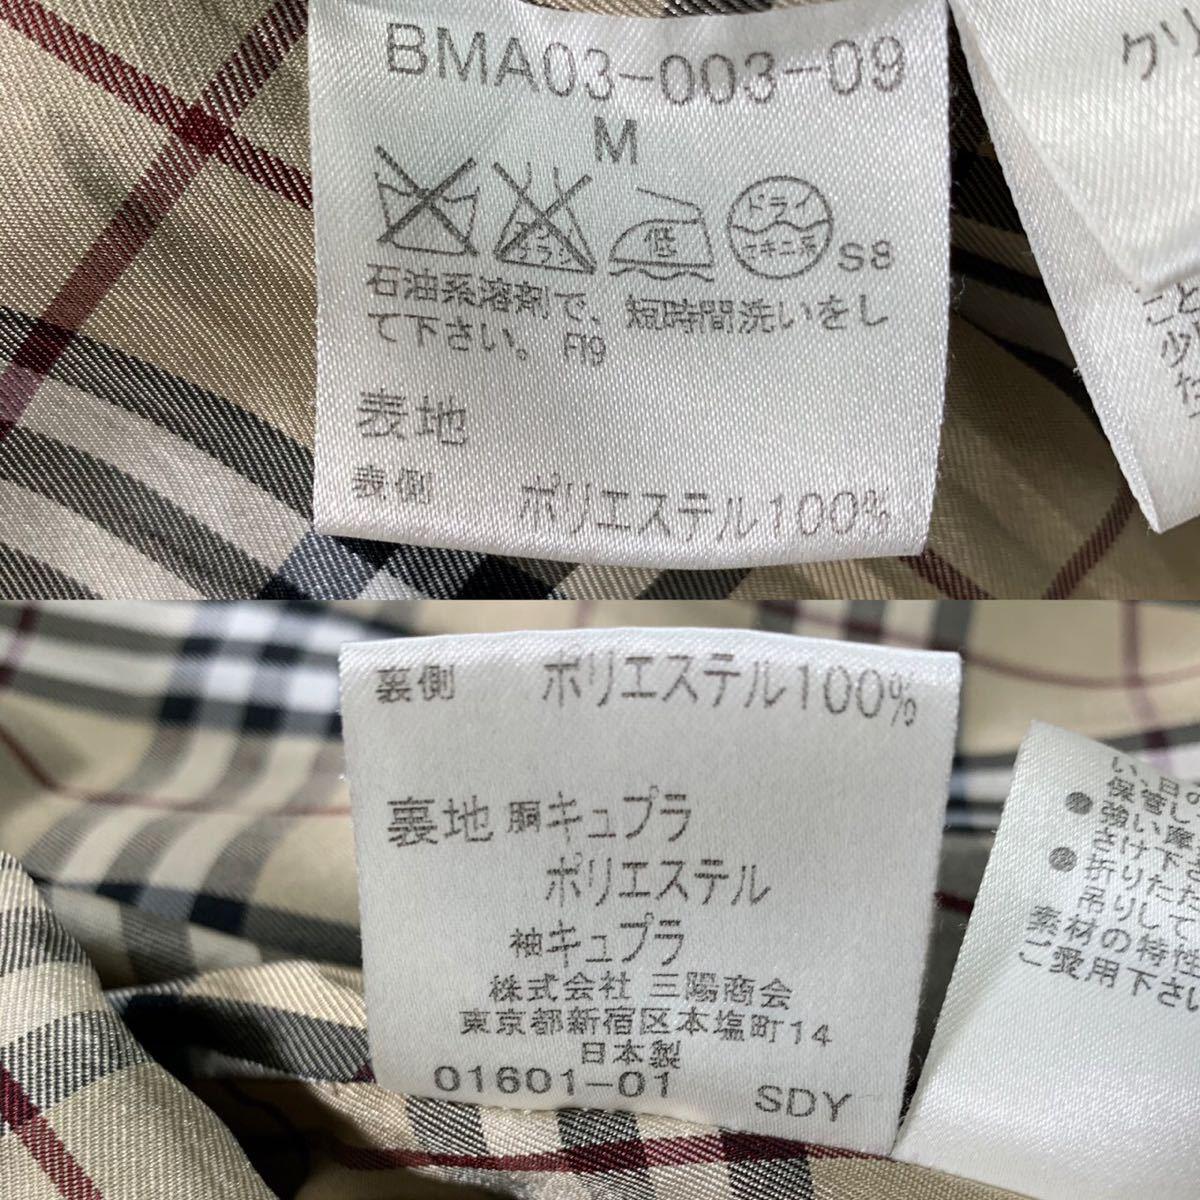 【圧巻ノバチェック】希少な日本製! バーバリーブラックレーベル トレンチコート BURBERRY BLACK LABEL アウター ブルゾン Mサイズ _画像8